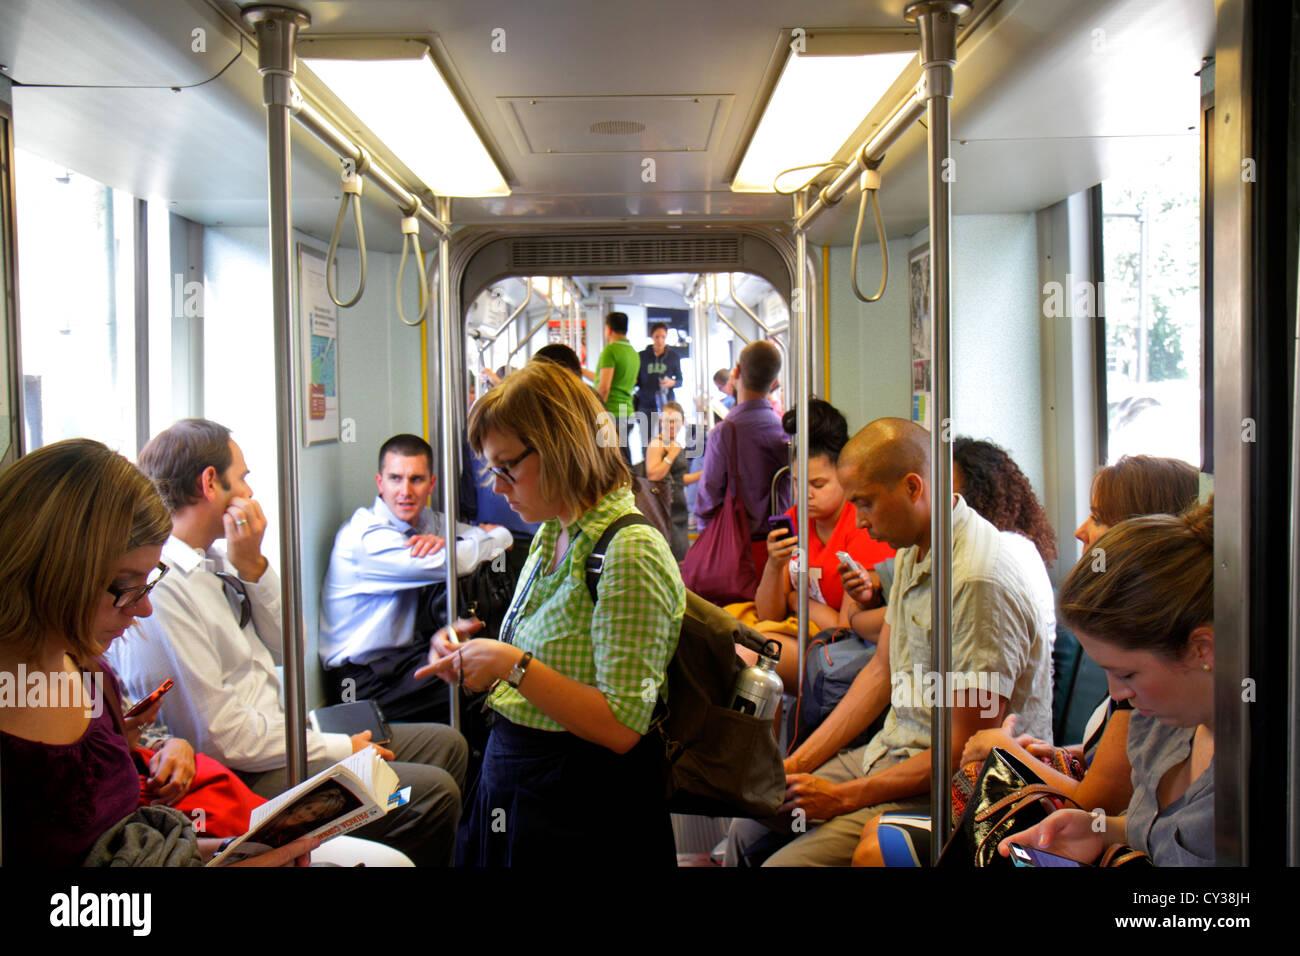 Boston Massachusetts MBTA T línea verde del metro tren entrante riders hombre mujer comprobación de lectura Imagen De Stock